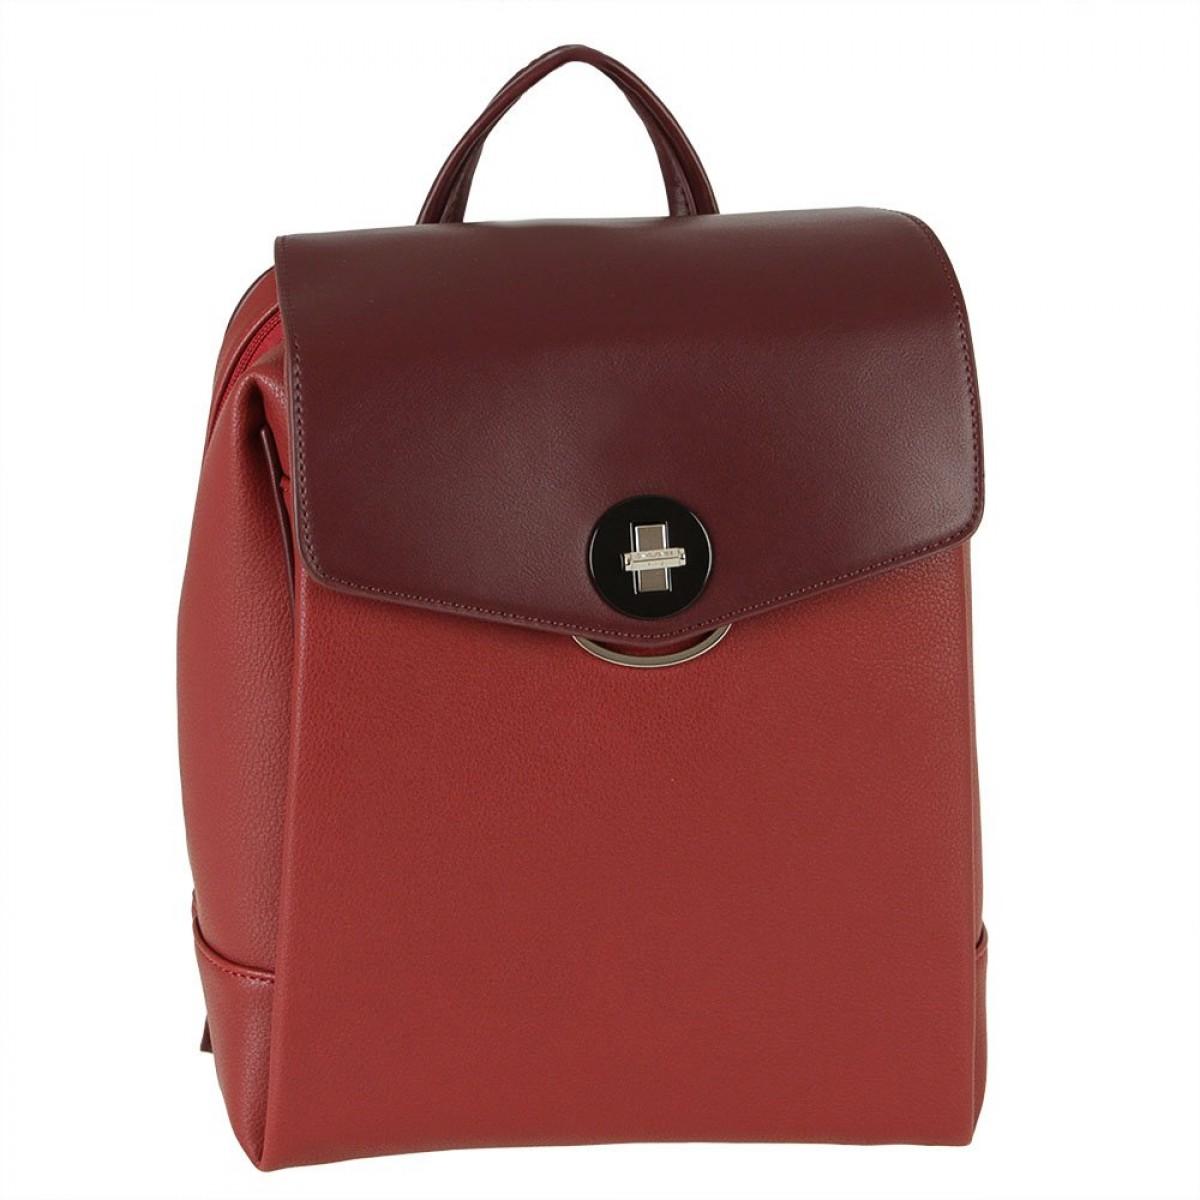 Жіночий рюкзак David Jones 6414-3 DARK RED